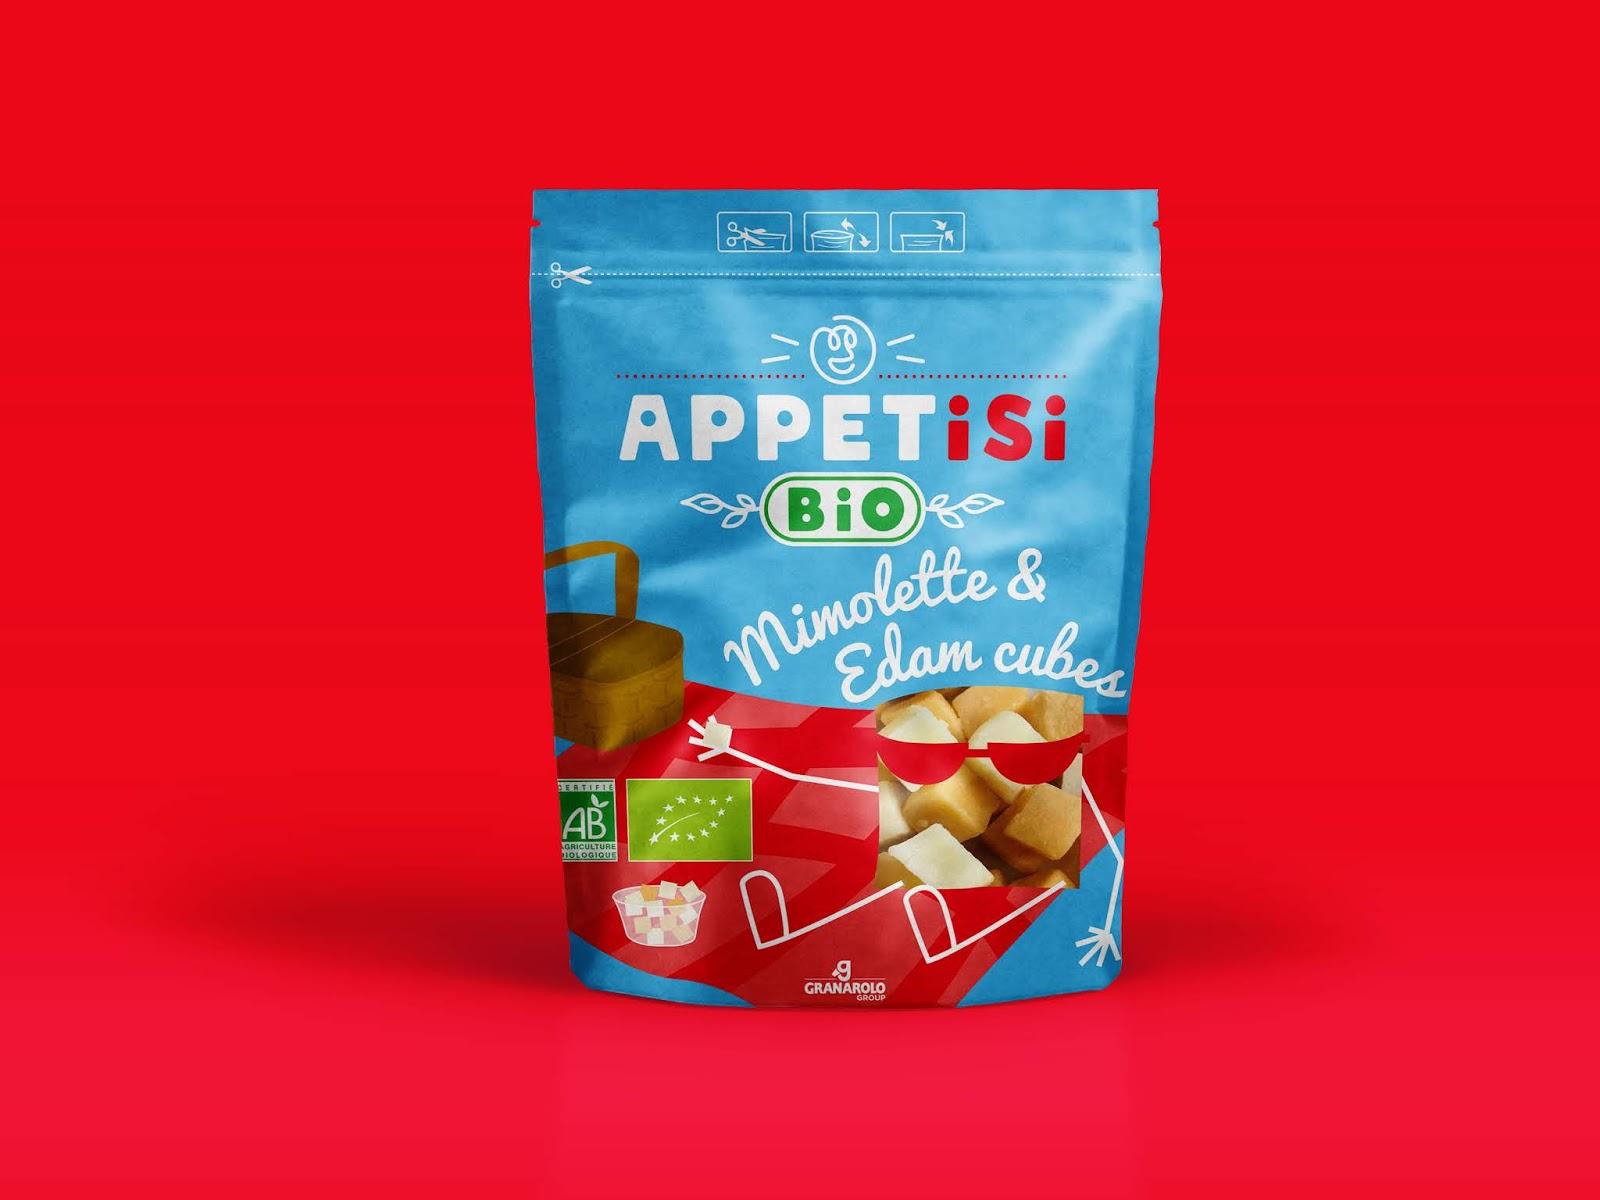 1Appetisi project - APPETiSi, des cubes de fromages design